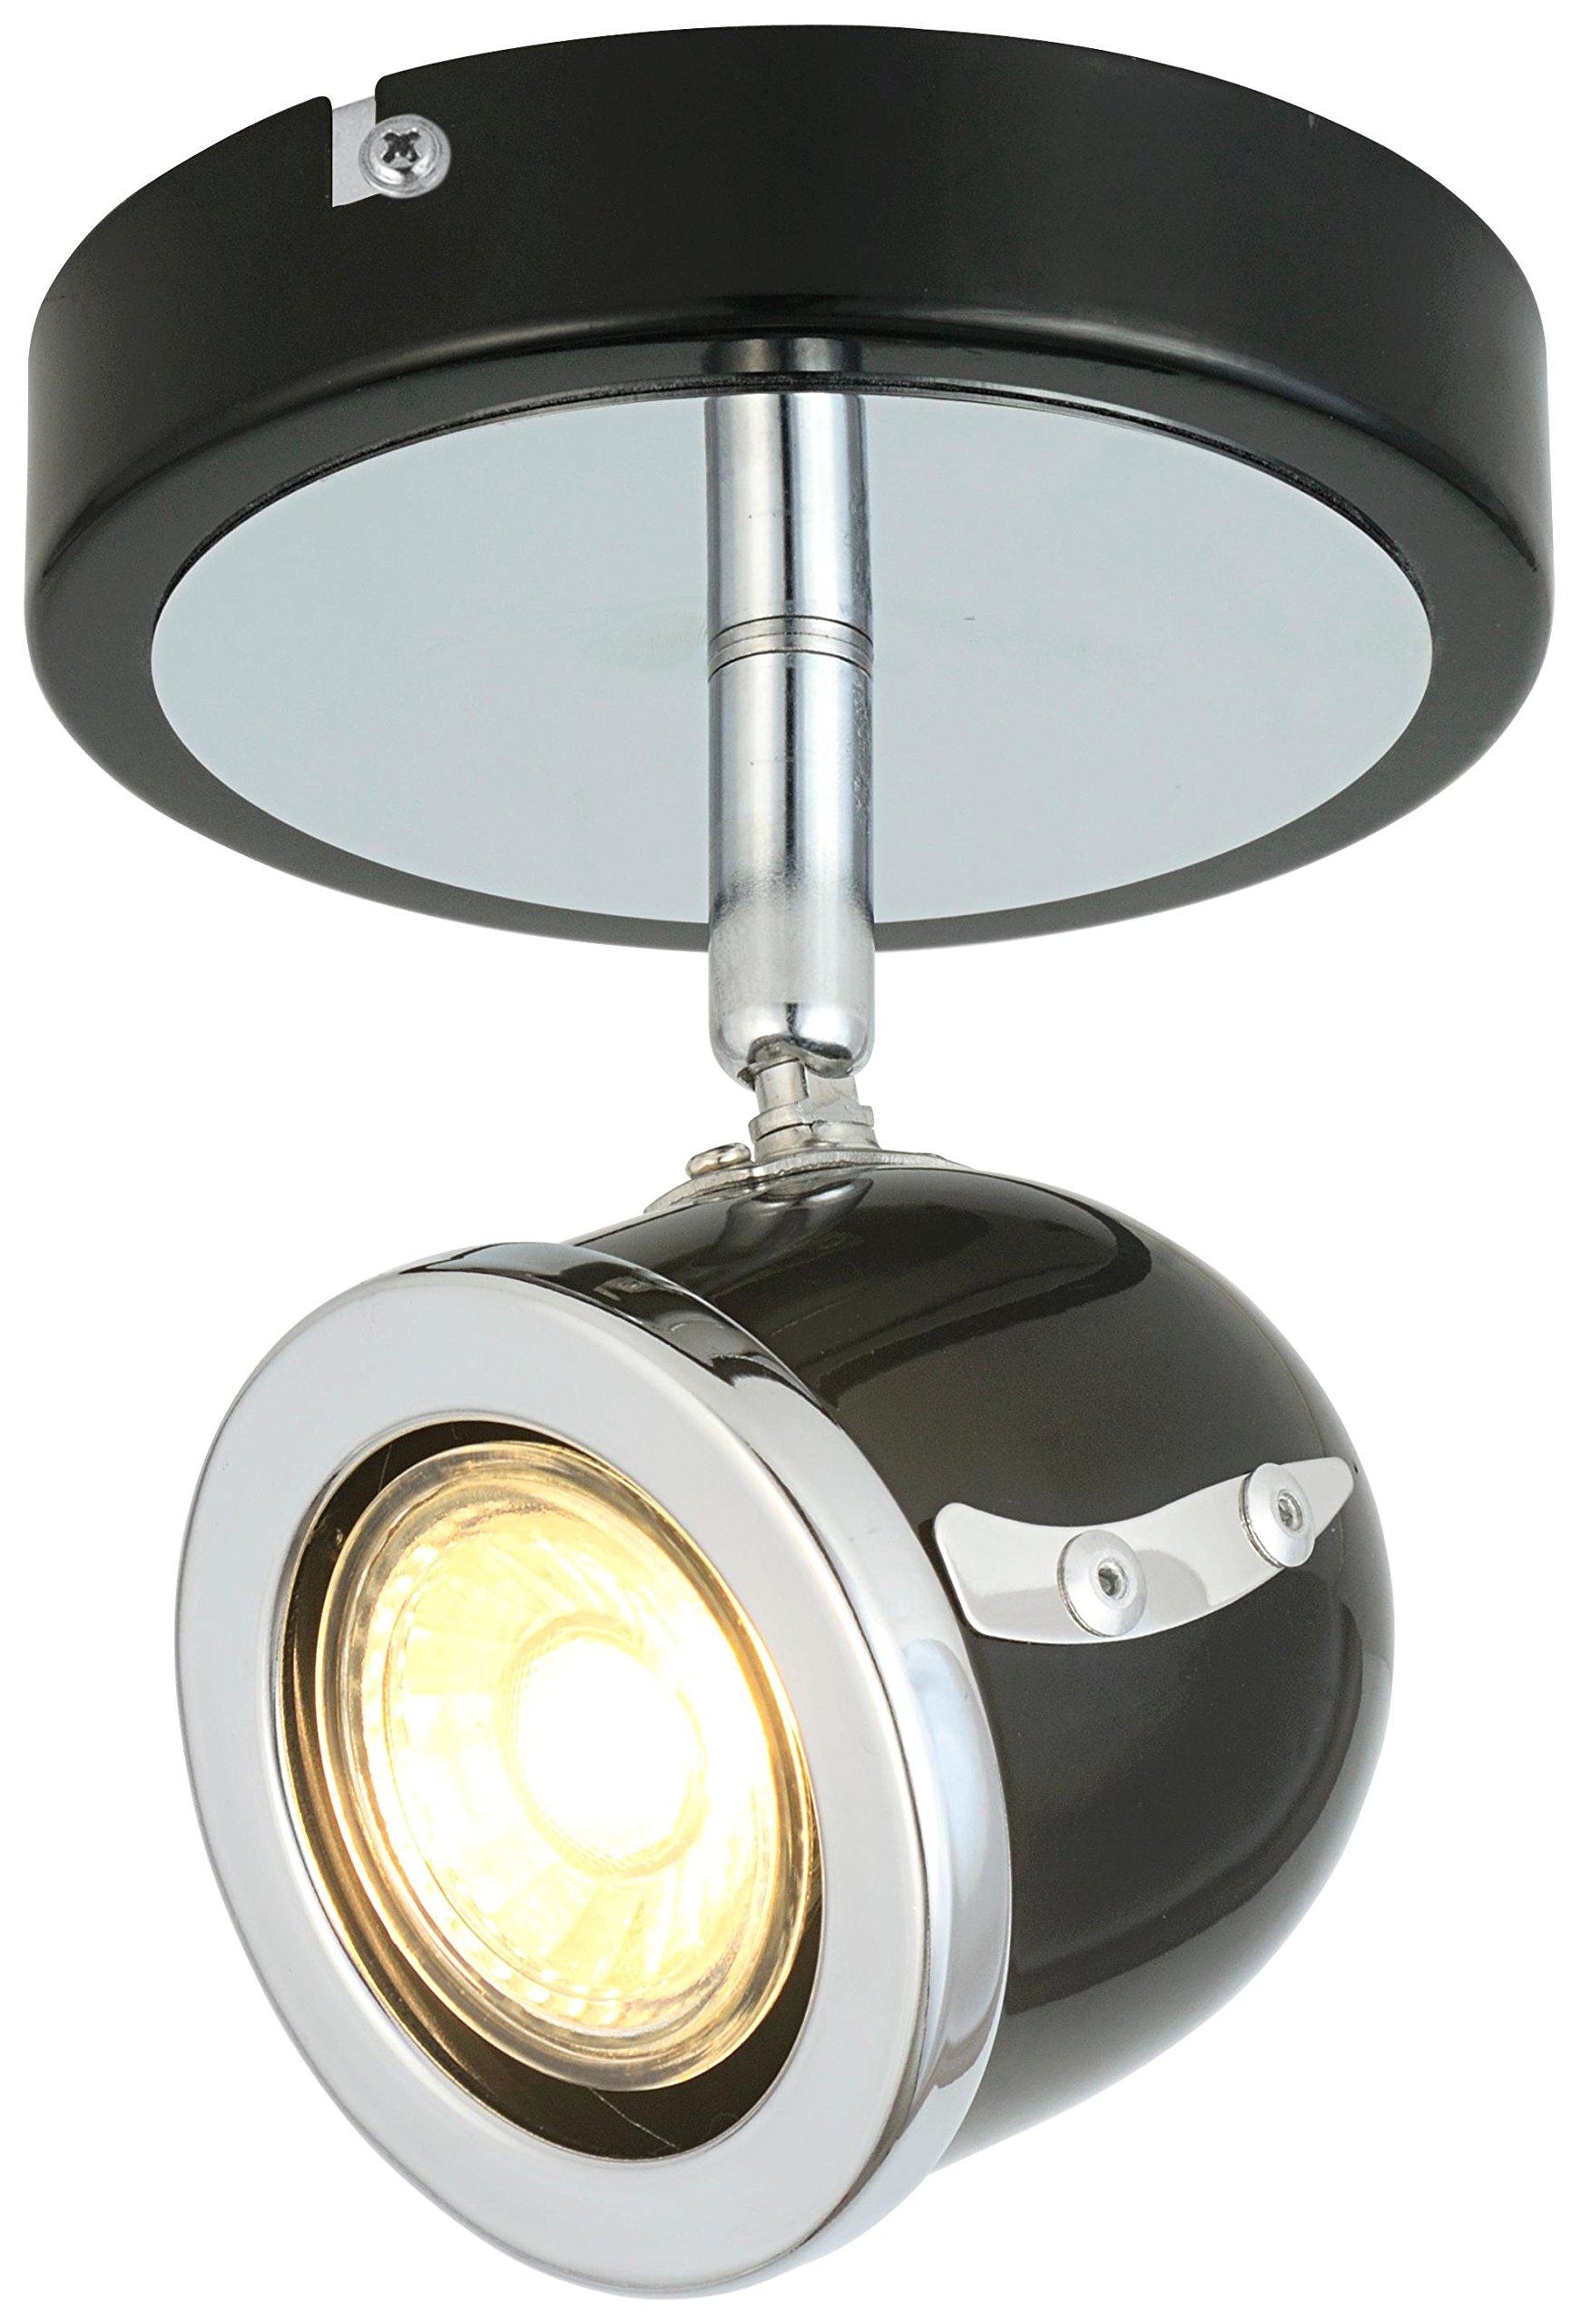 LED Retro Adjustable Eyeball Black &Chrome Ceiling Spotlight (Black & Chrome, 1 Light)